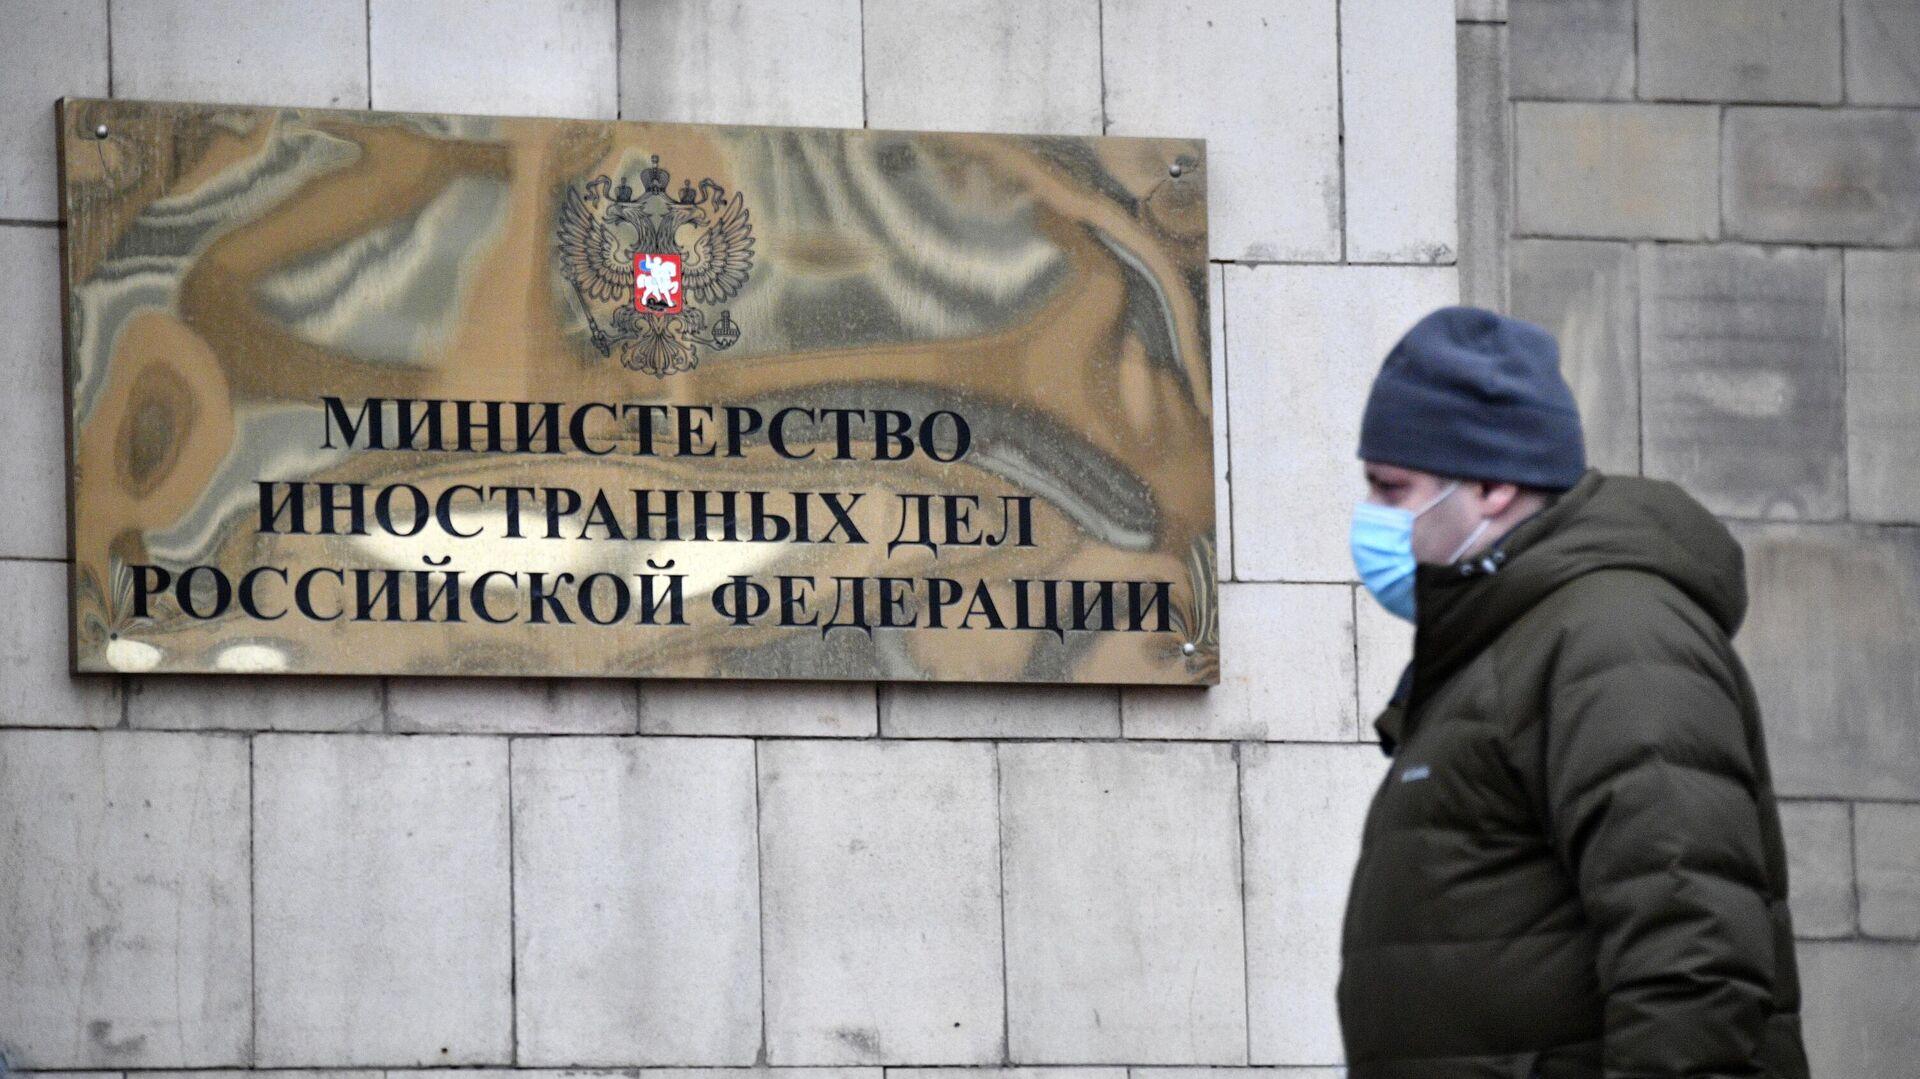 Прохожий у здания МИД РФ - РИА Новости, 1920, 22.12.2020